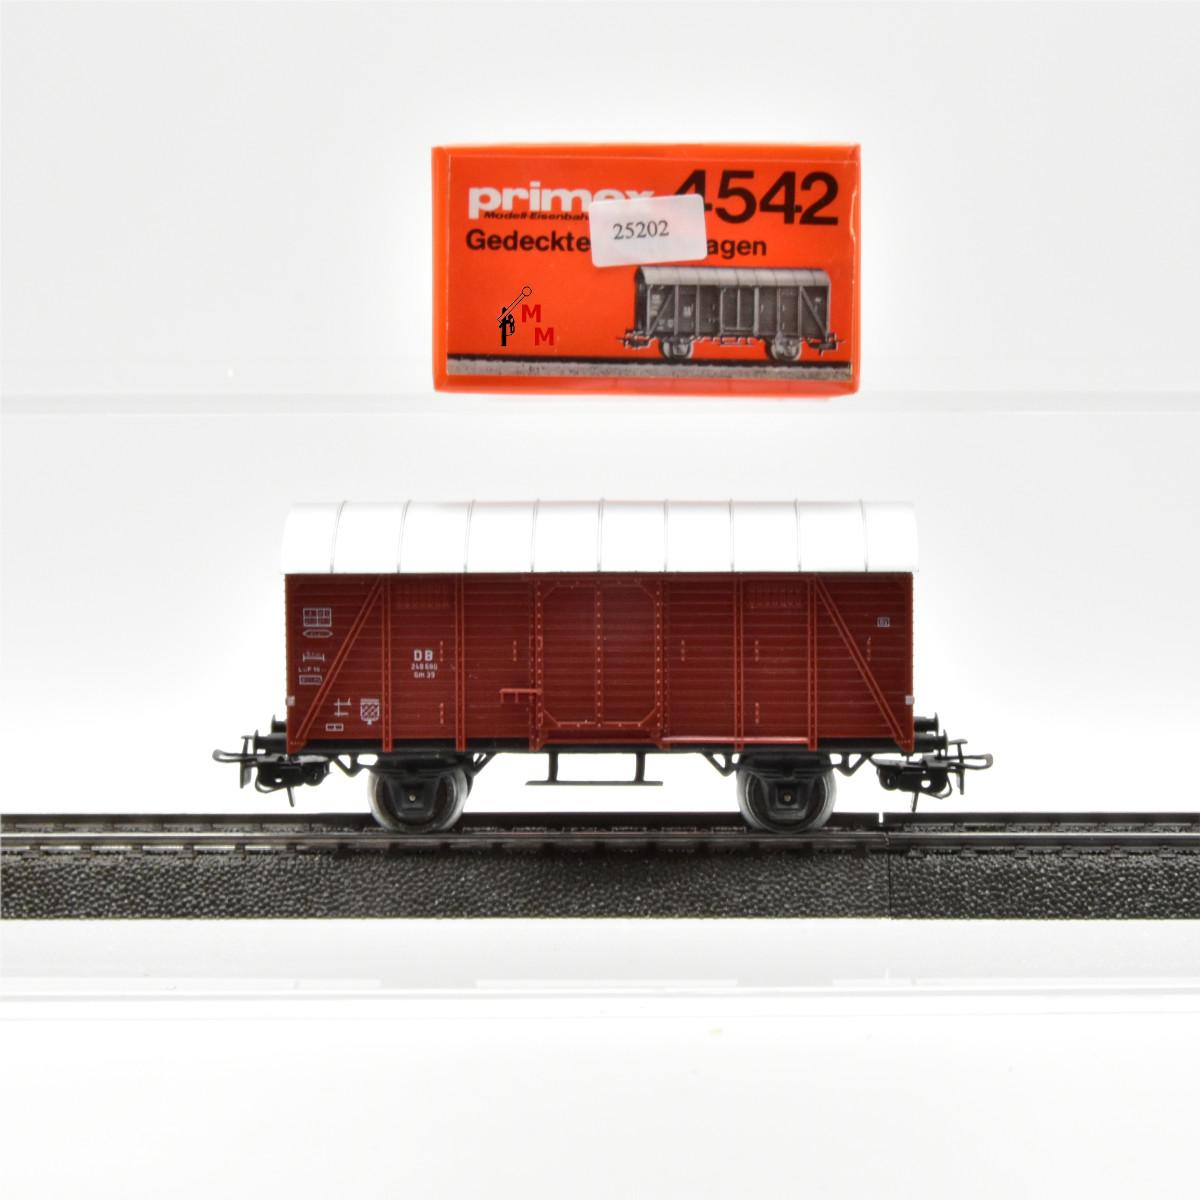 Primex 4542.1 Ged. Güterwagen der DB, (25202)